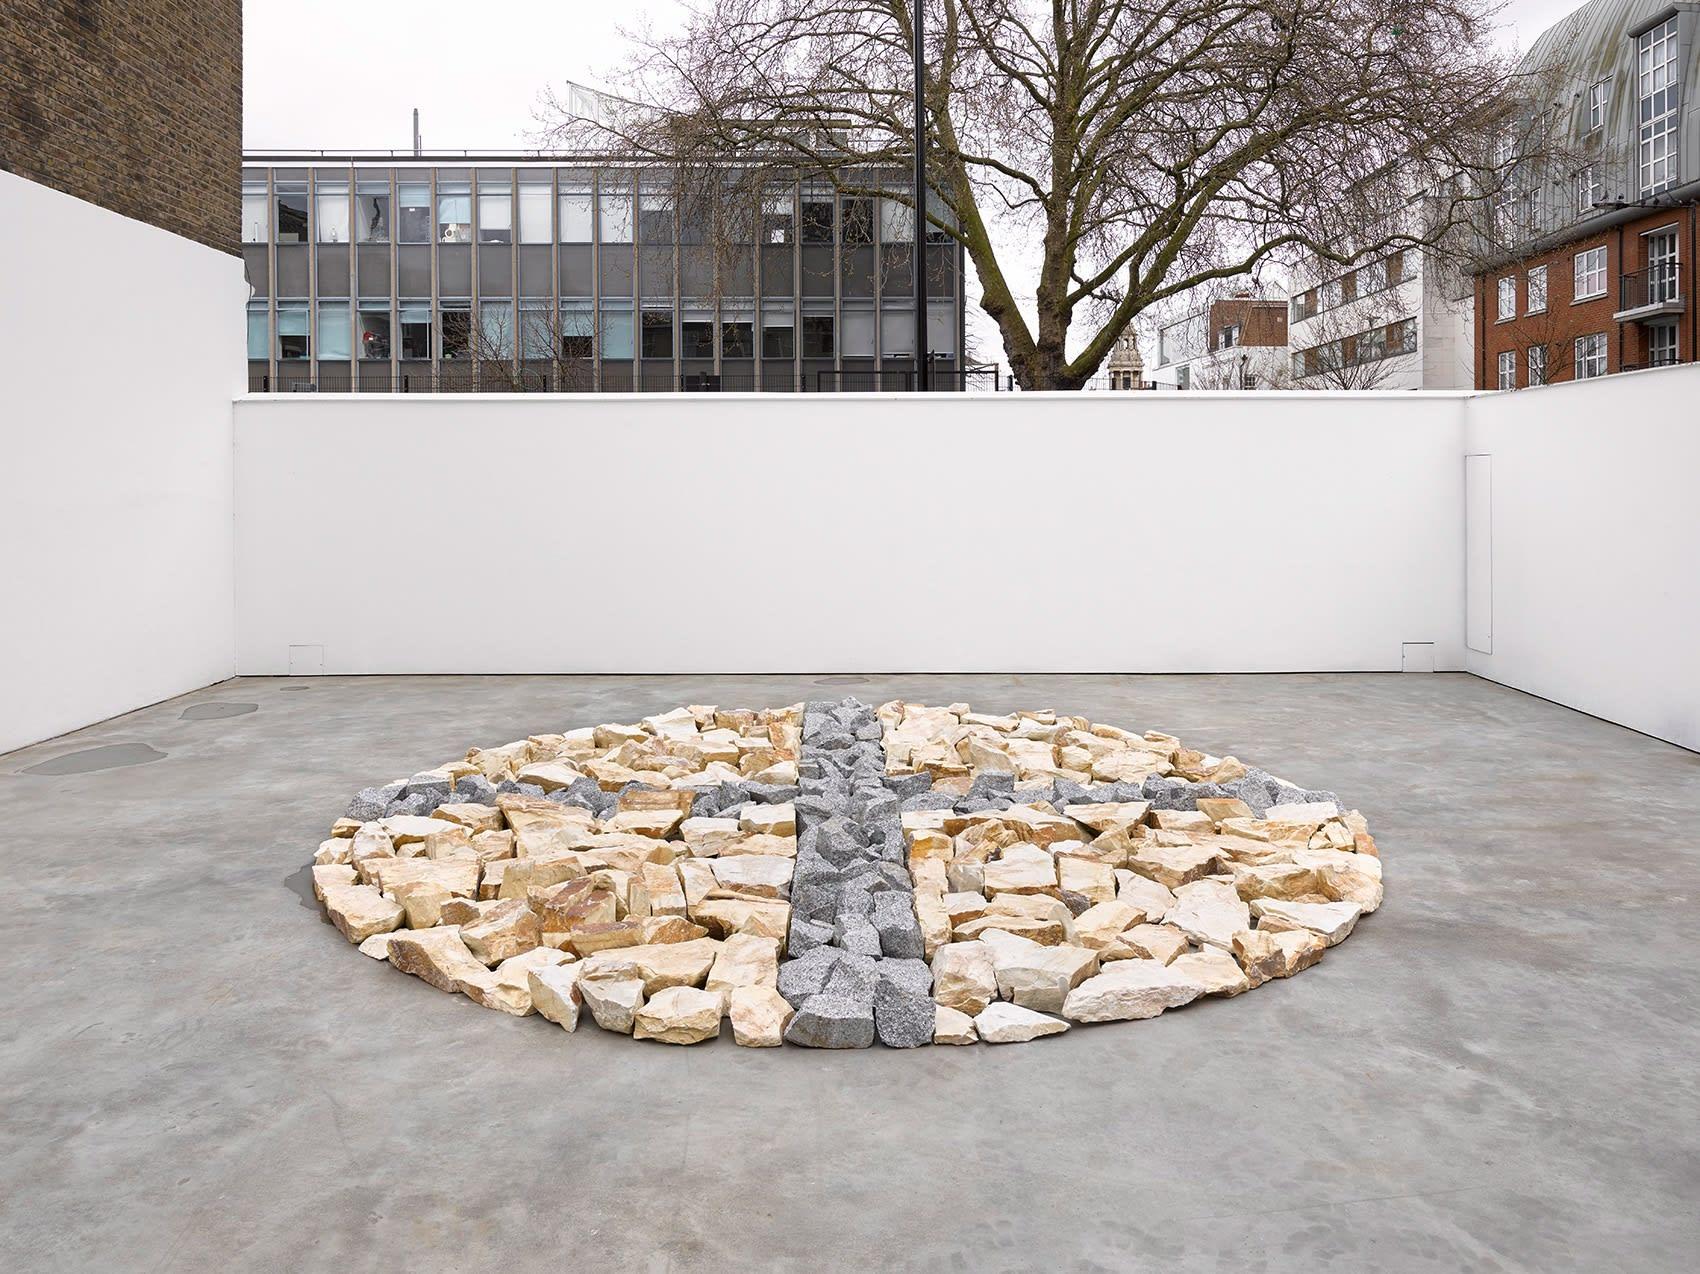 richard long, lisson gallery, london, sculpture, frieze